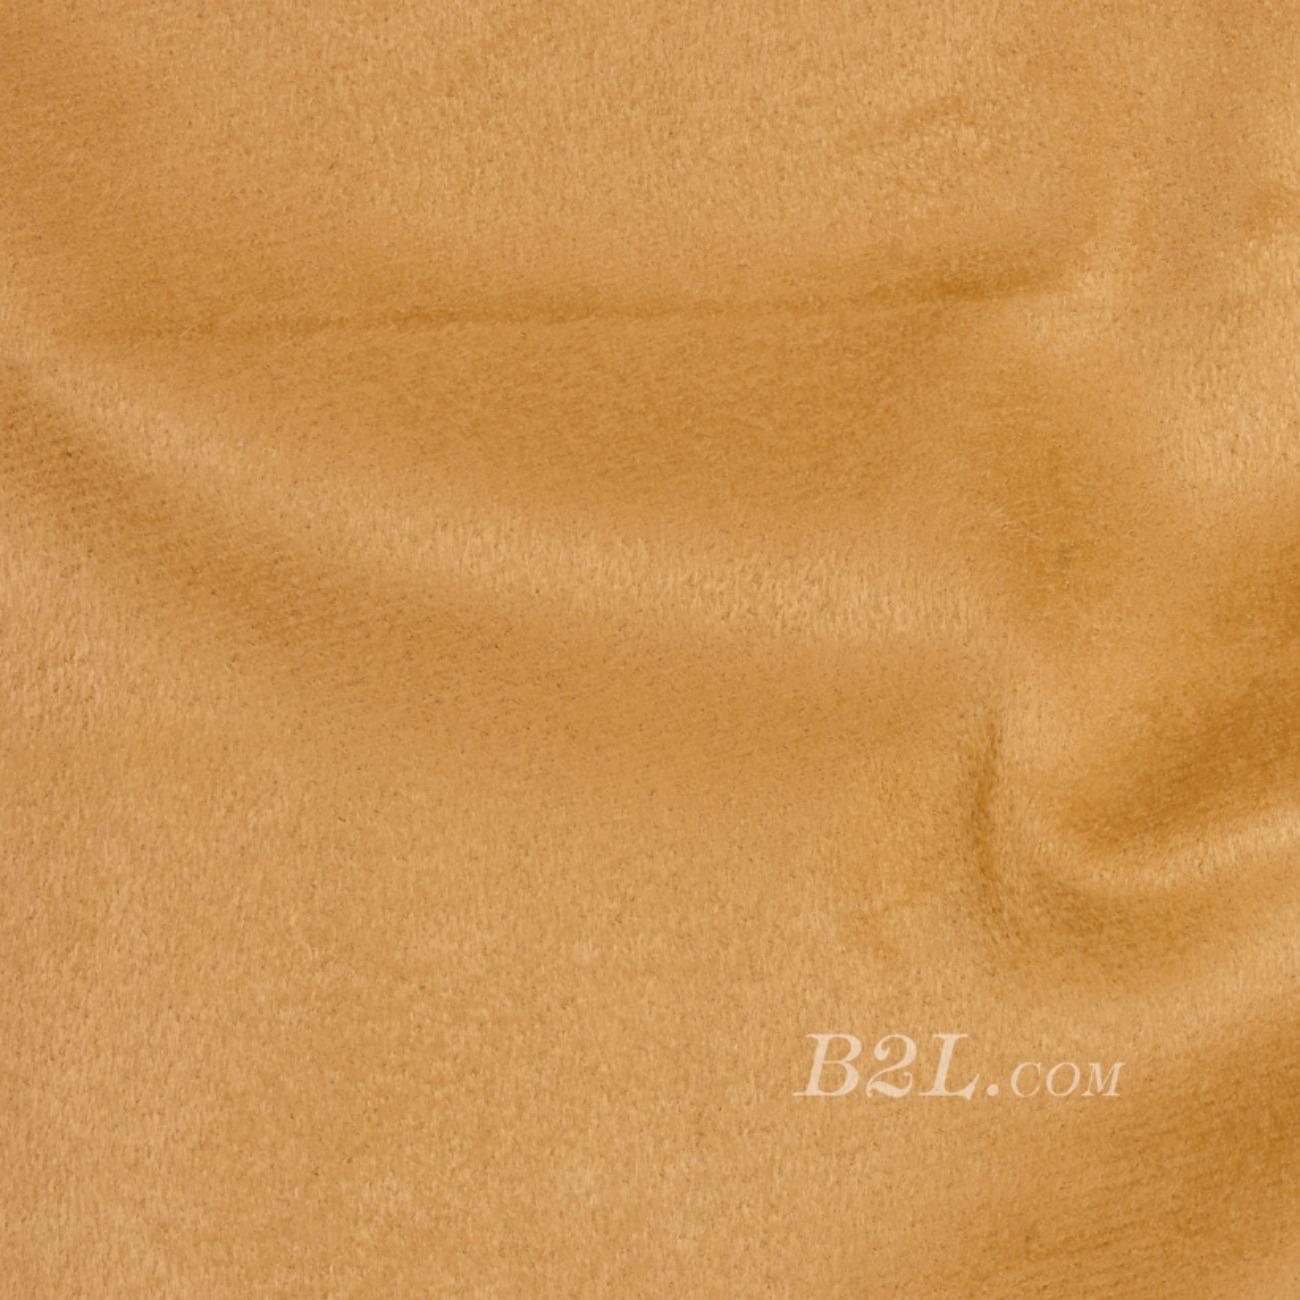 梭织染色麂皮绒面料-春秋冬外套休闲服裤装半身裙面料90403-3